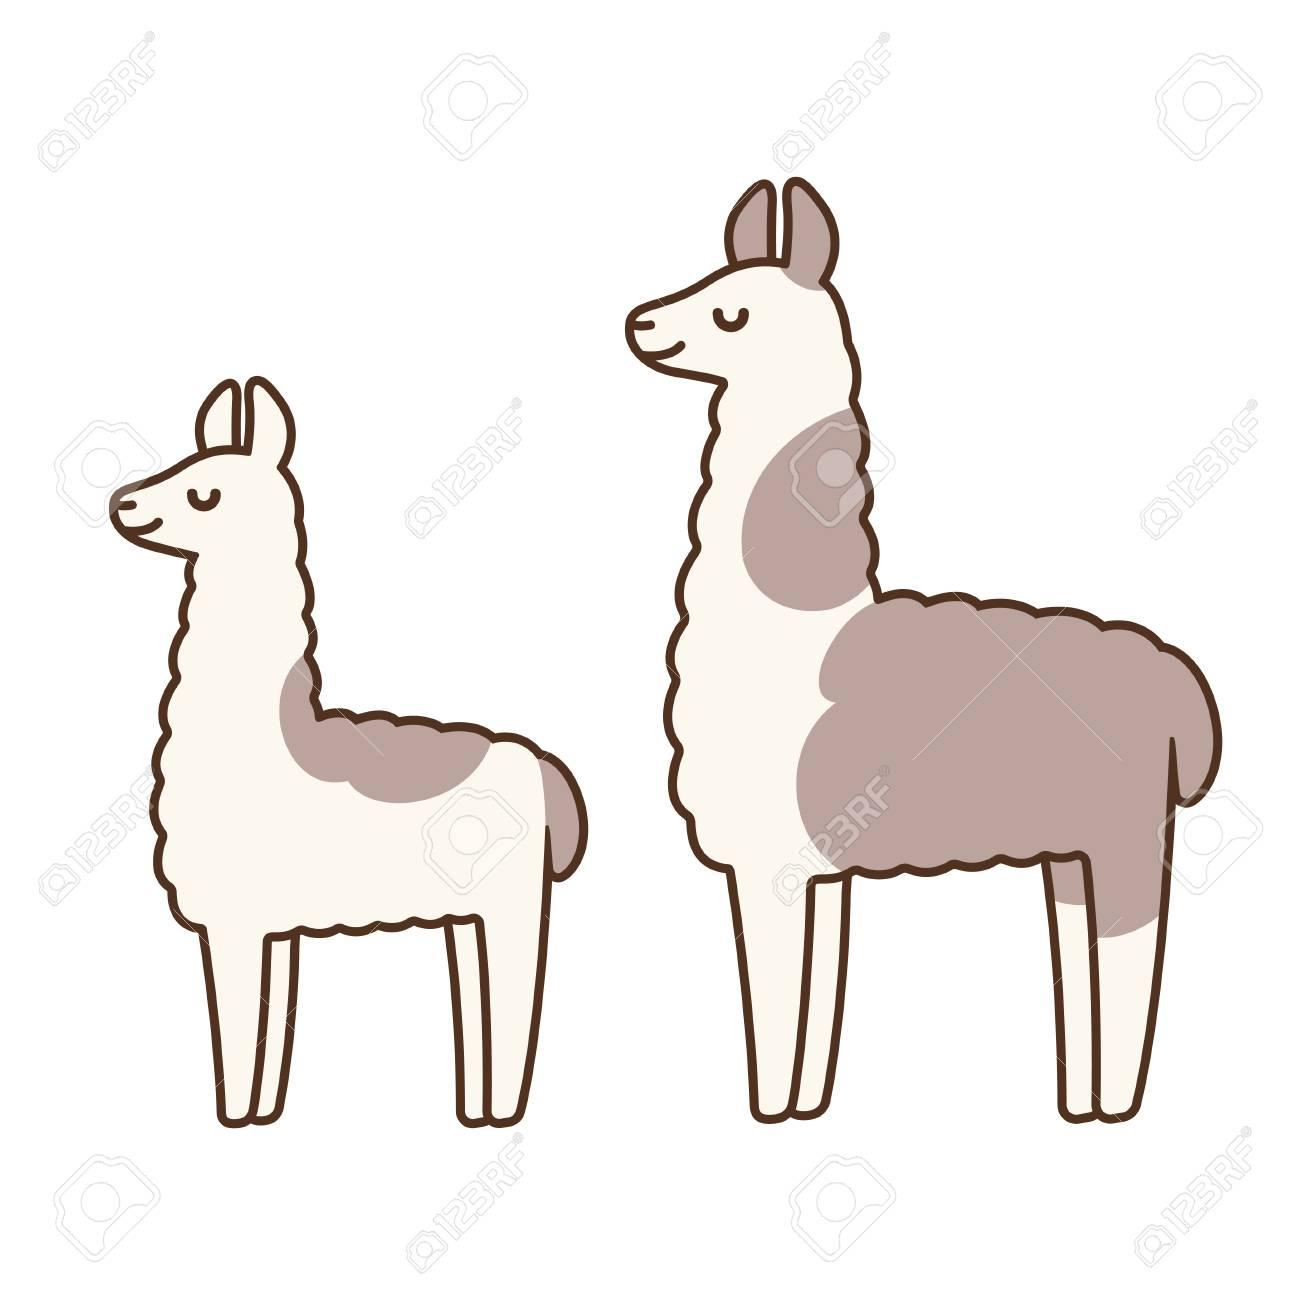 Cute and simple llamas drawing, adult and baby llama. Funny cartoon...